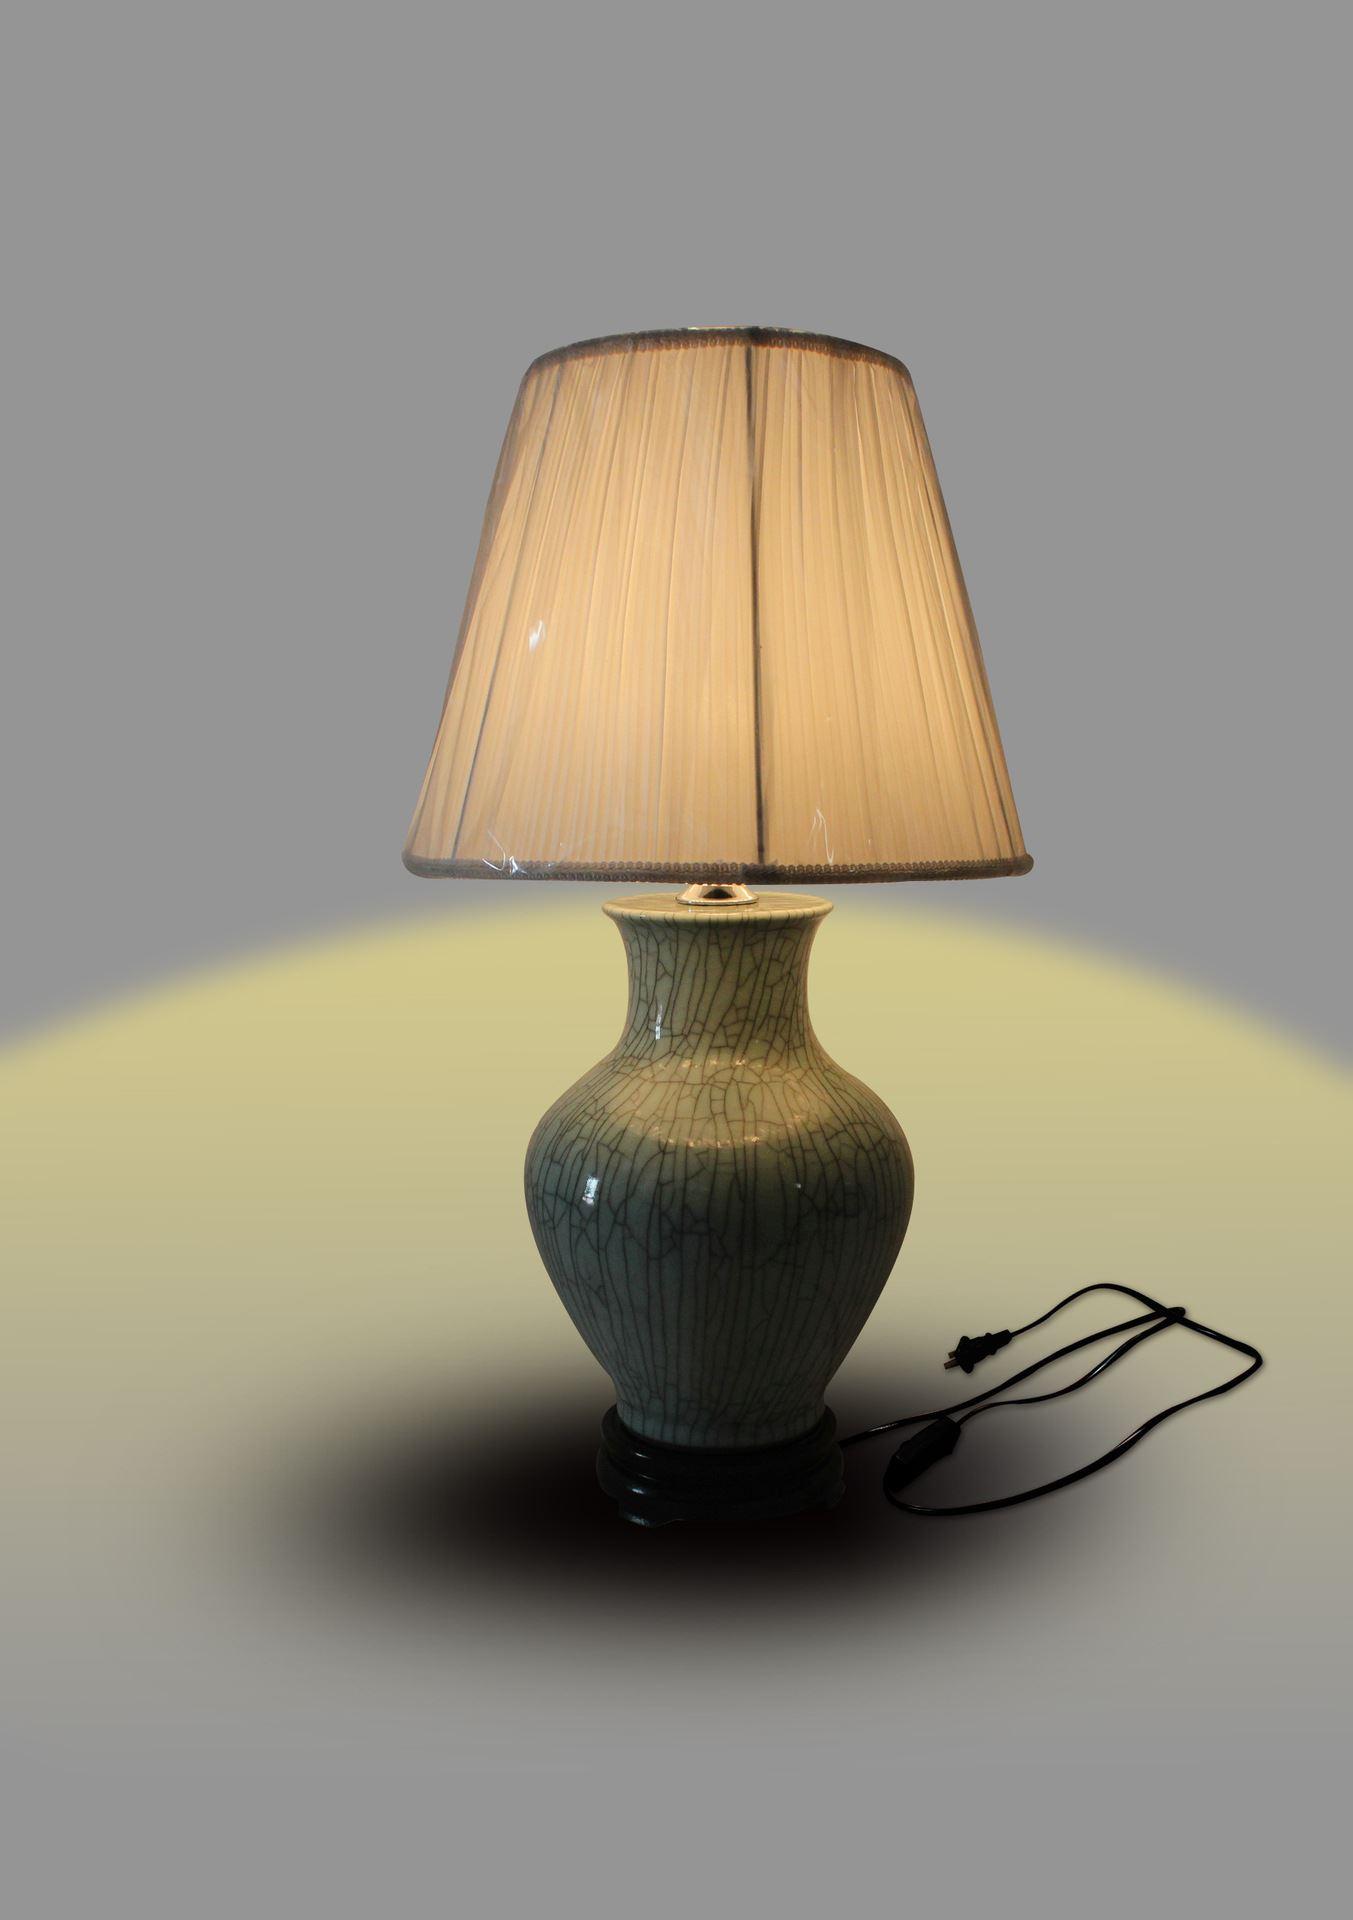 DSIF08景德镇 陶瓷 开片矮冬瓜 台灯 灯具 灯饰 家居摆设